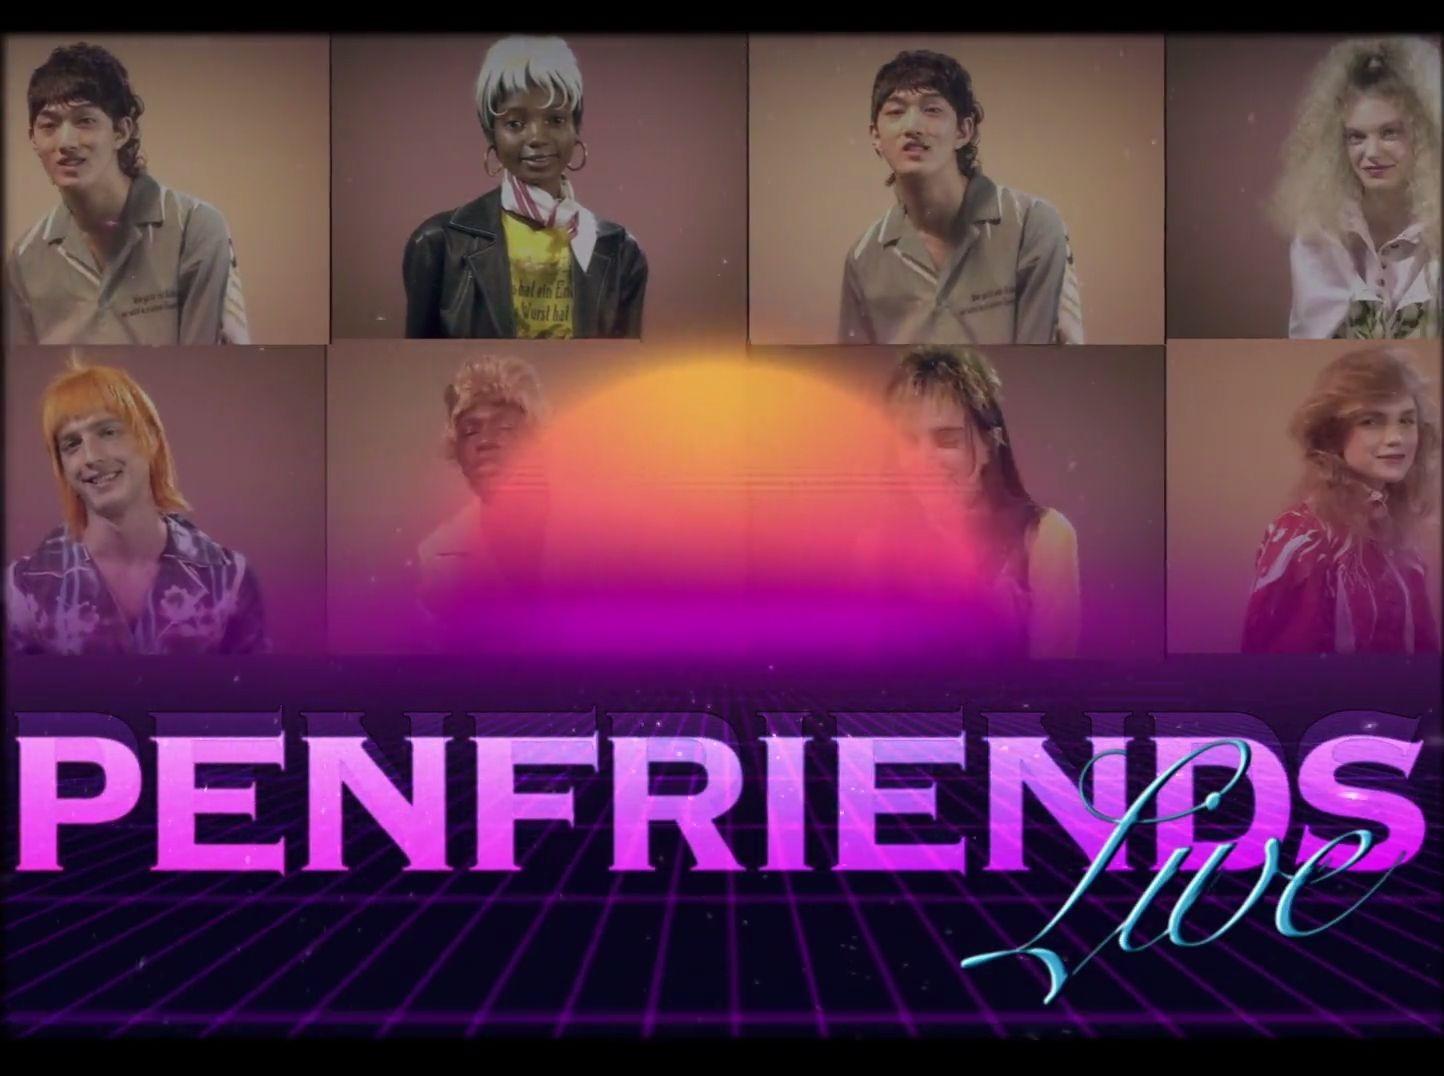 Penfriends